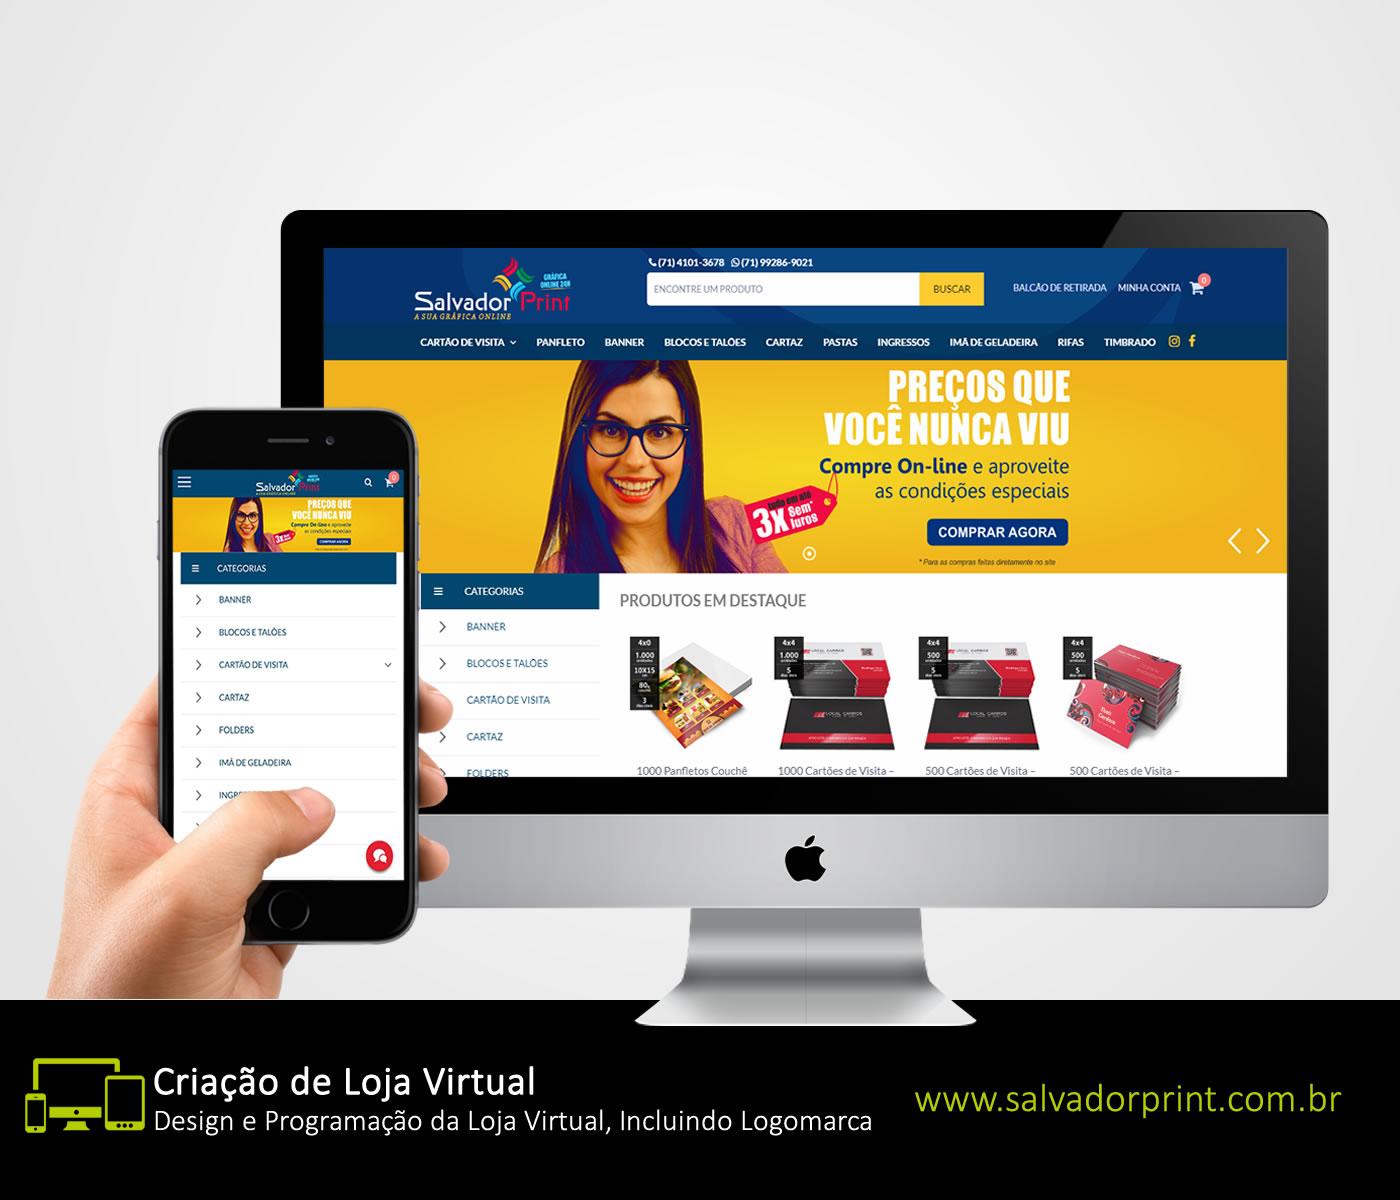 grafica-salvador-print-site